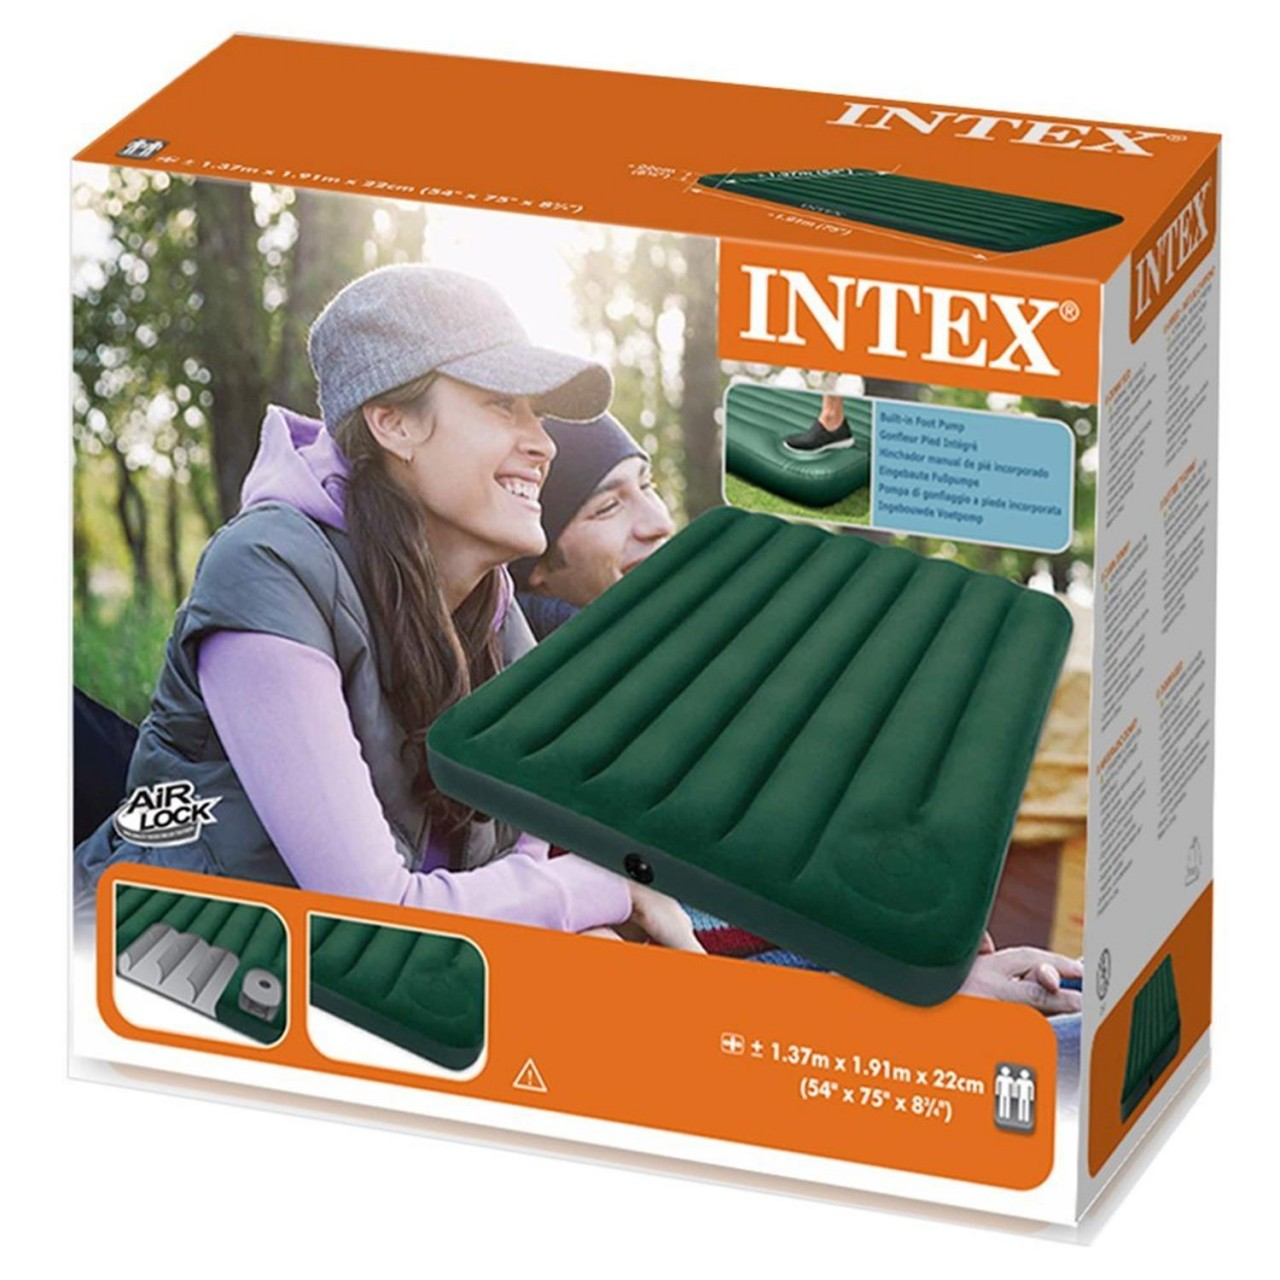 Intex Lufbett Güstebett intergrierte Fußpumpe Cambing 191x137x22cm 66928